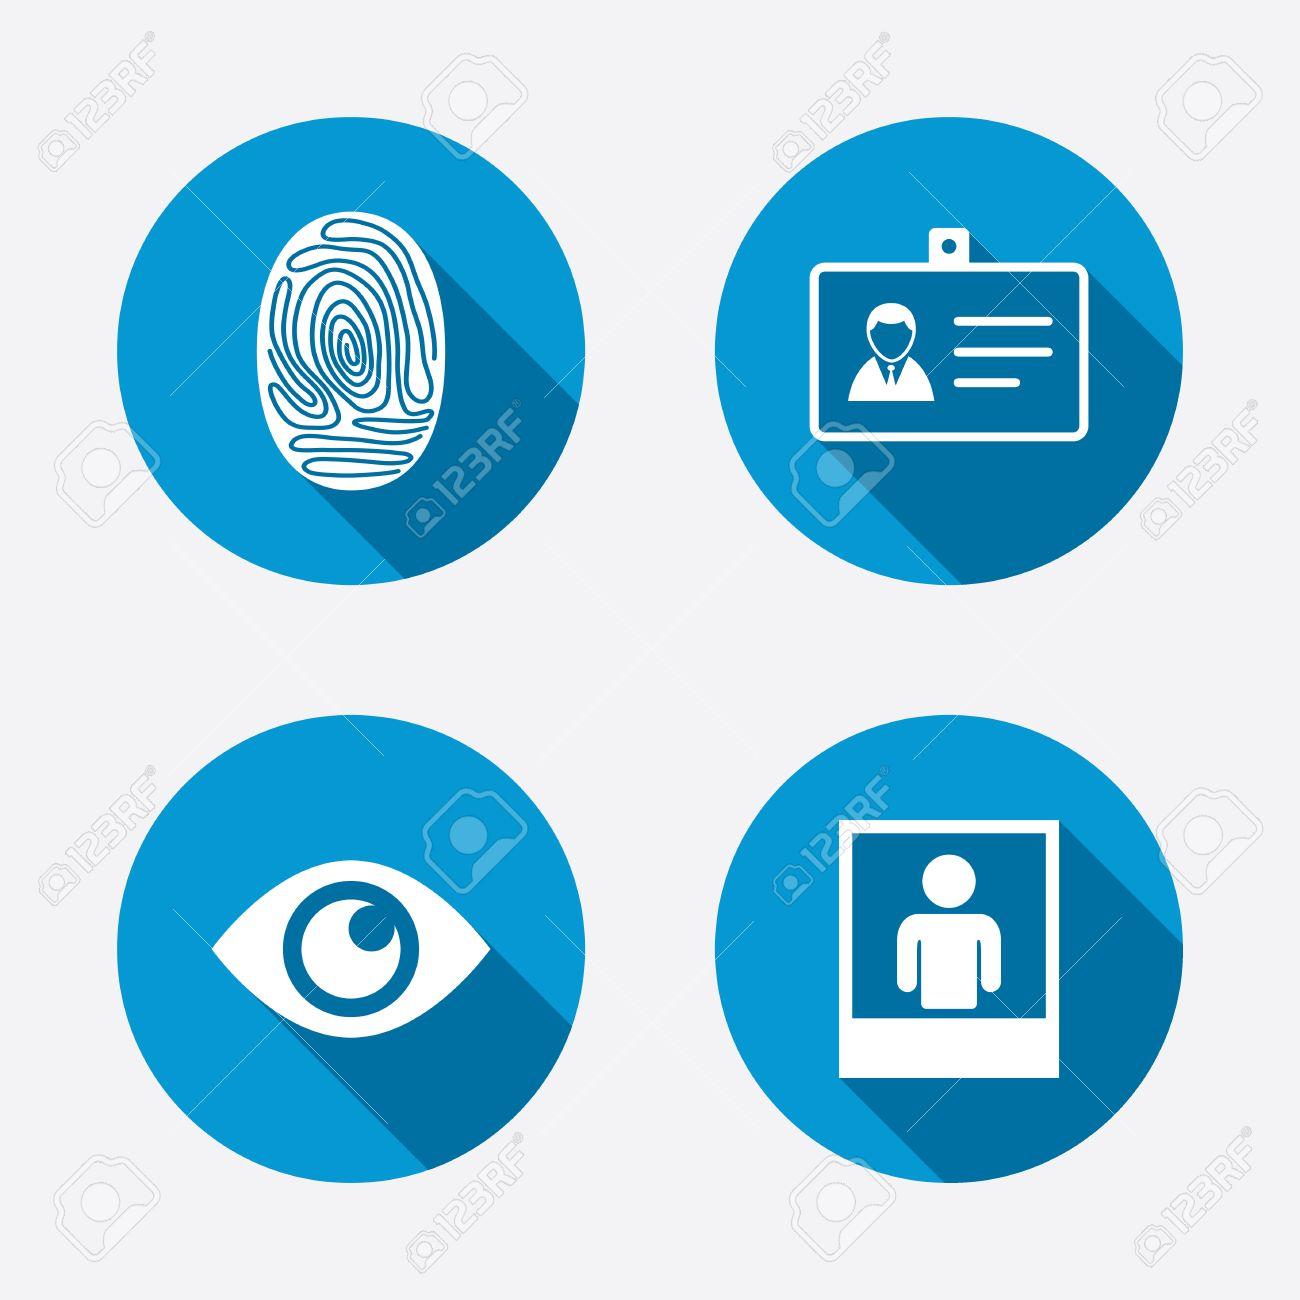 Identitätsausweis Abzeichen-Ikonen. Auge Und Fingerprint-Symbole ...